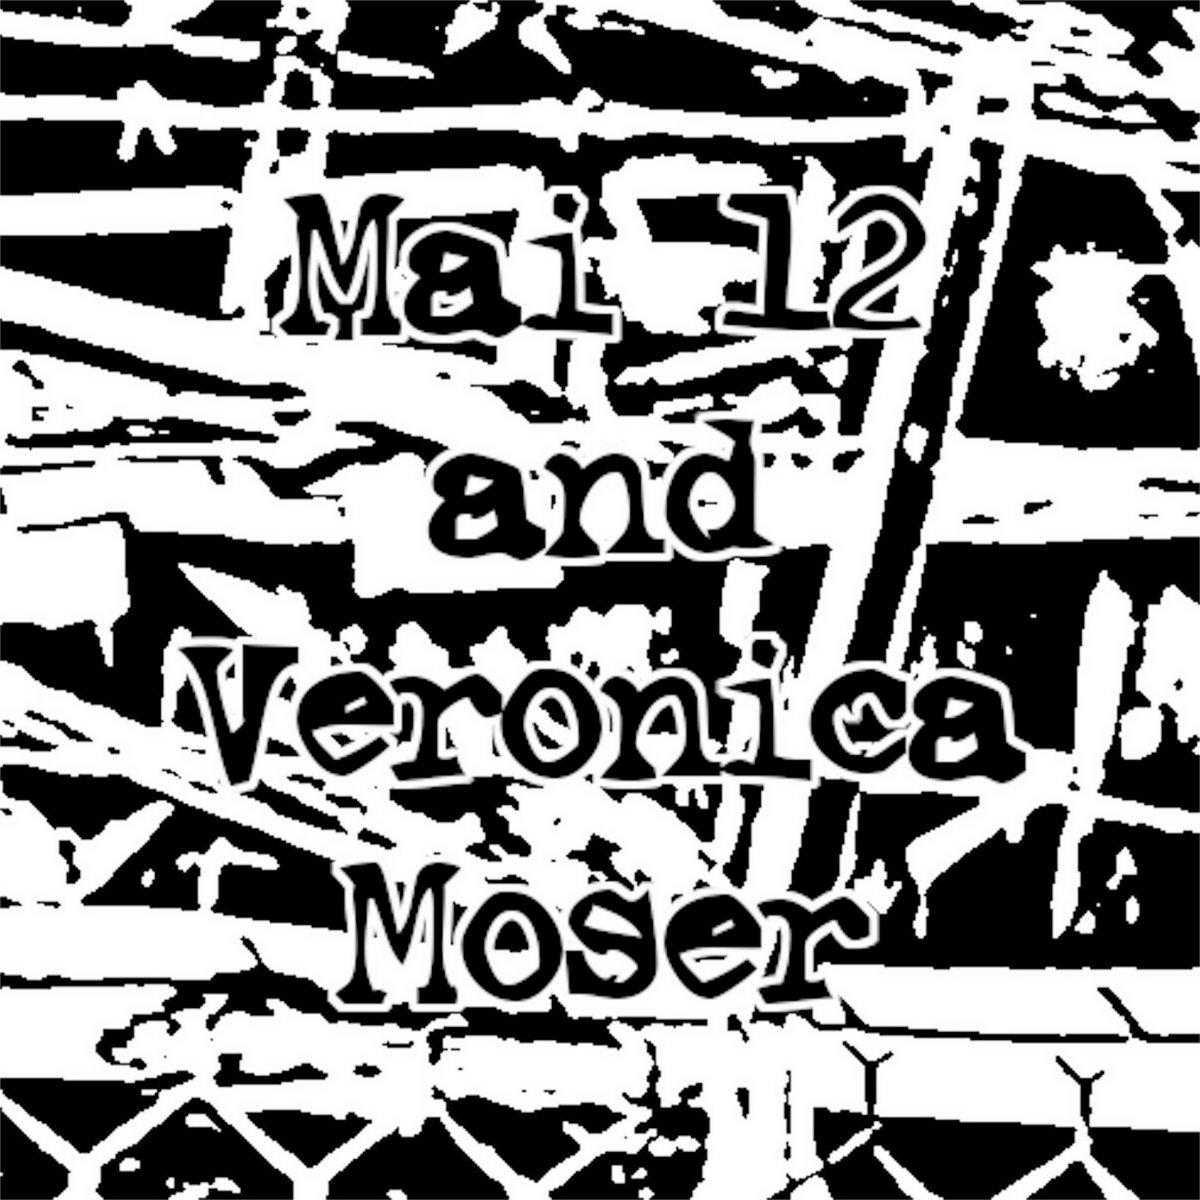 Veronica moser